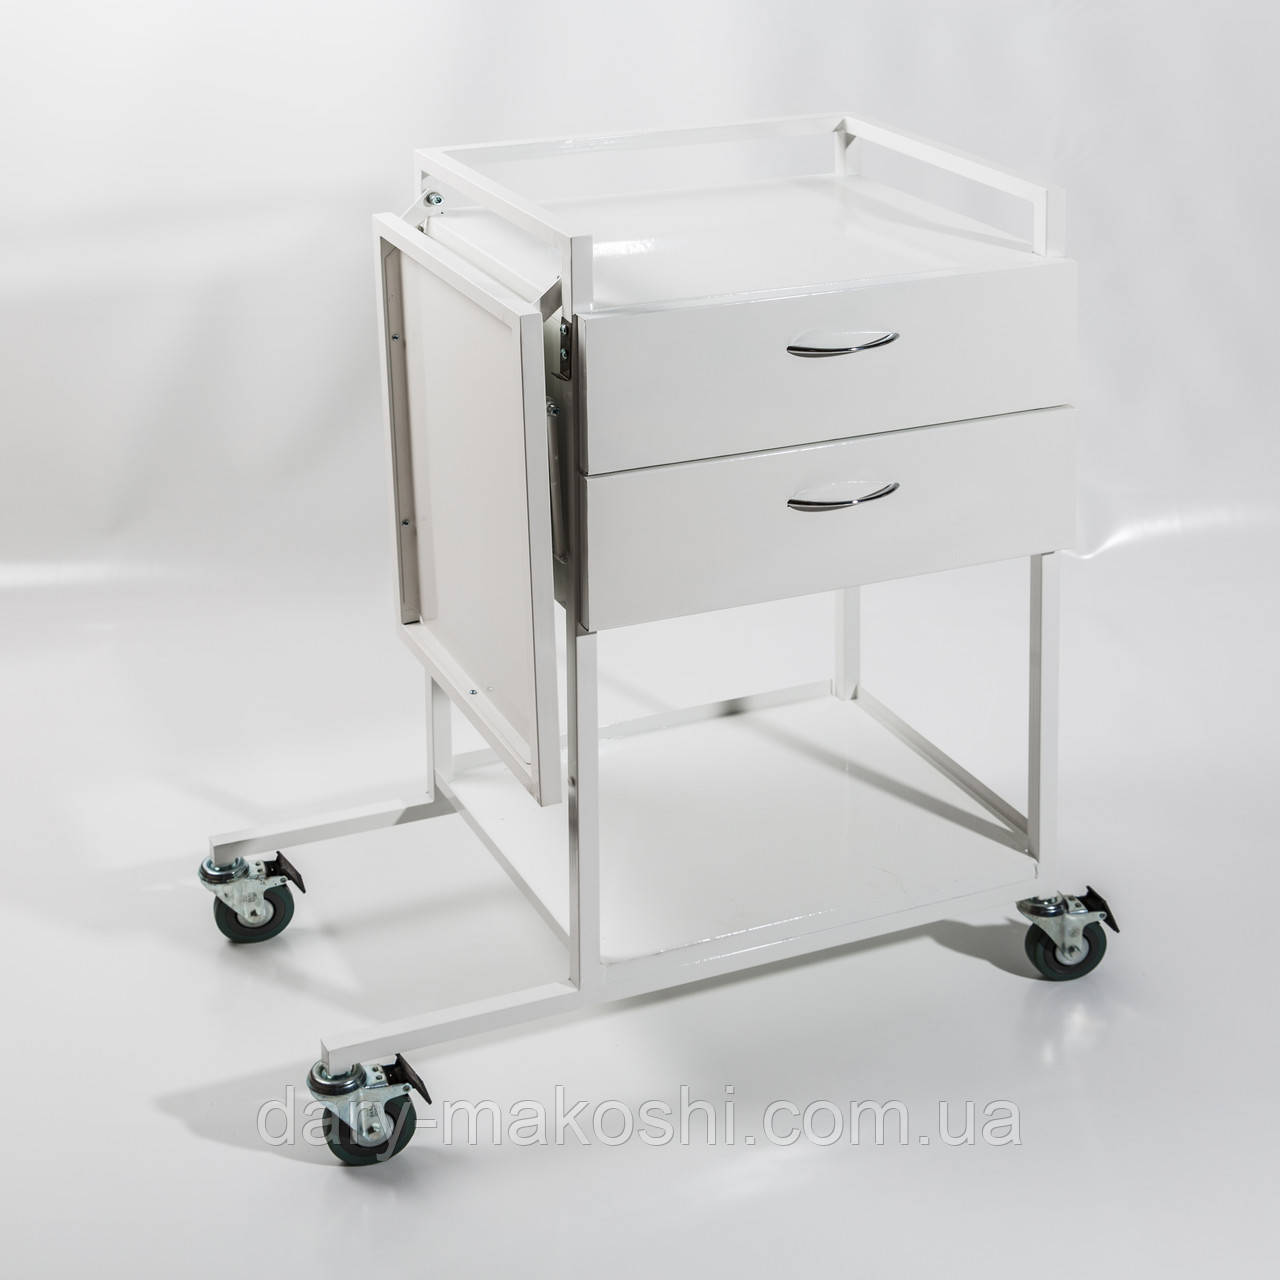 Столик-тумбочка прикроватная  СТ-ТПП-2Я